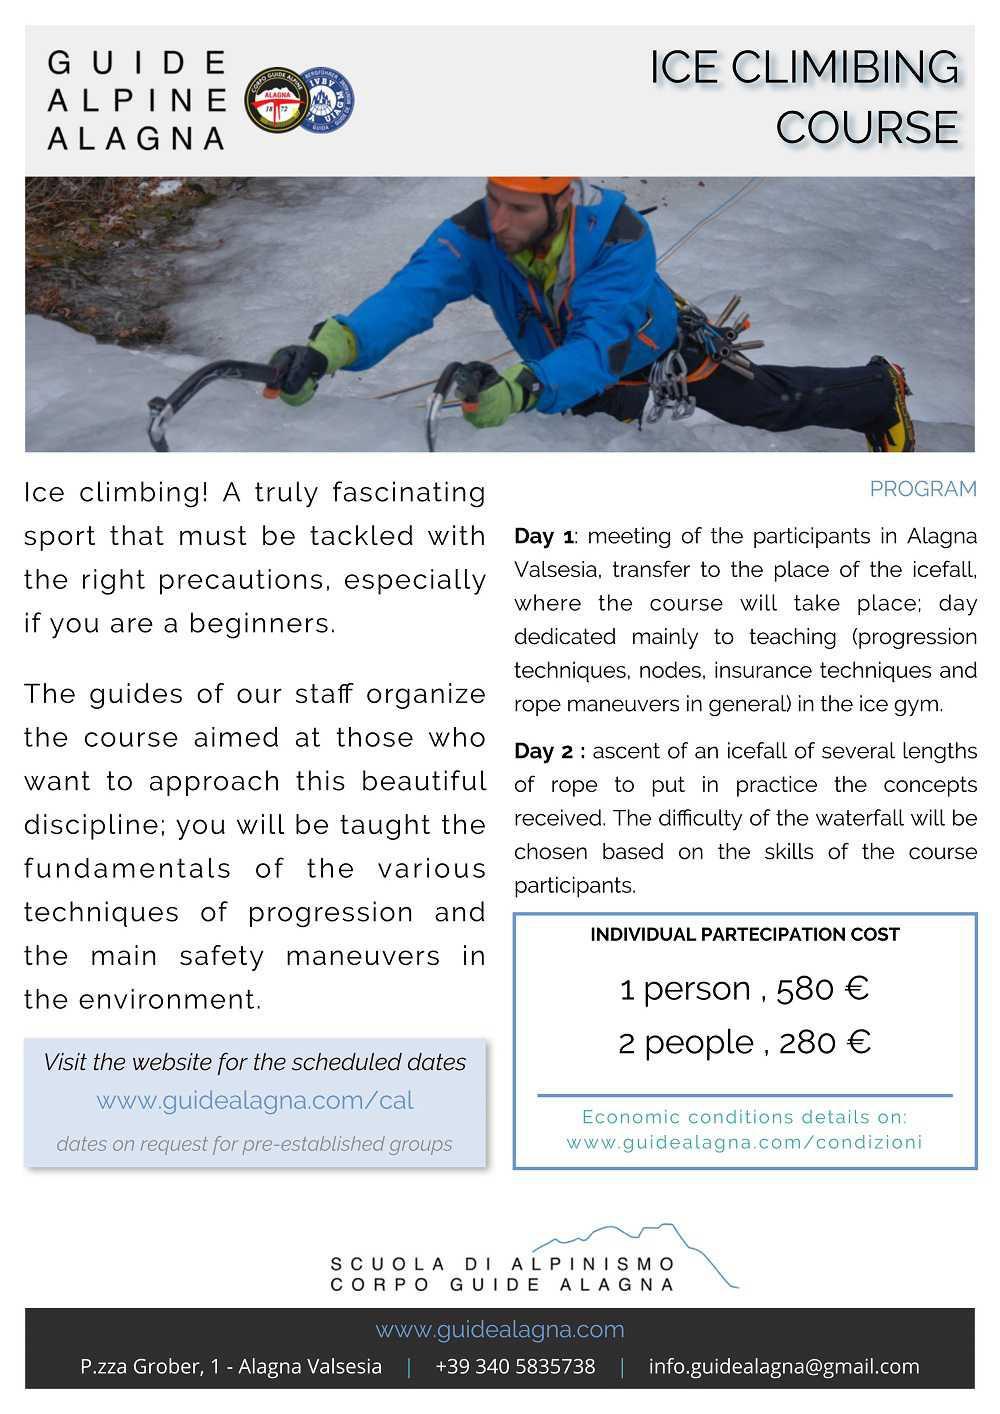 Corso Cascate di Giaccio - Guide Alpine Alagna